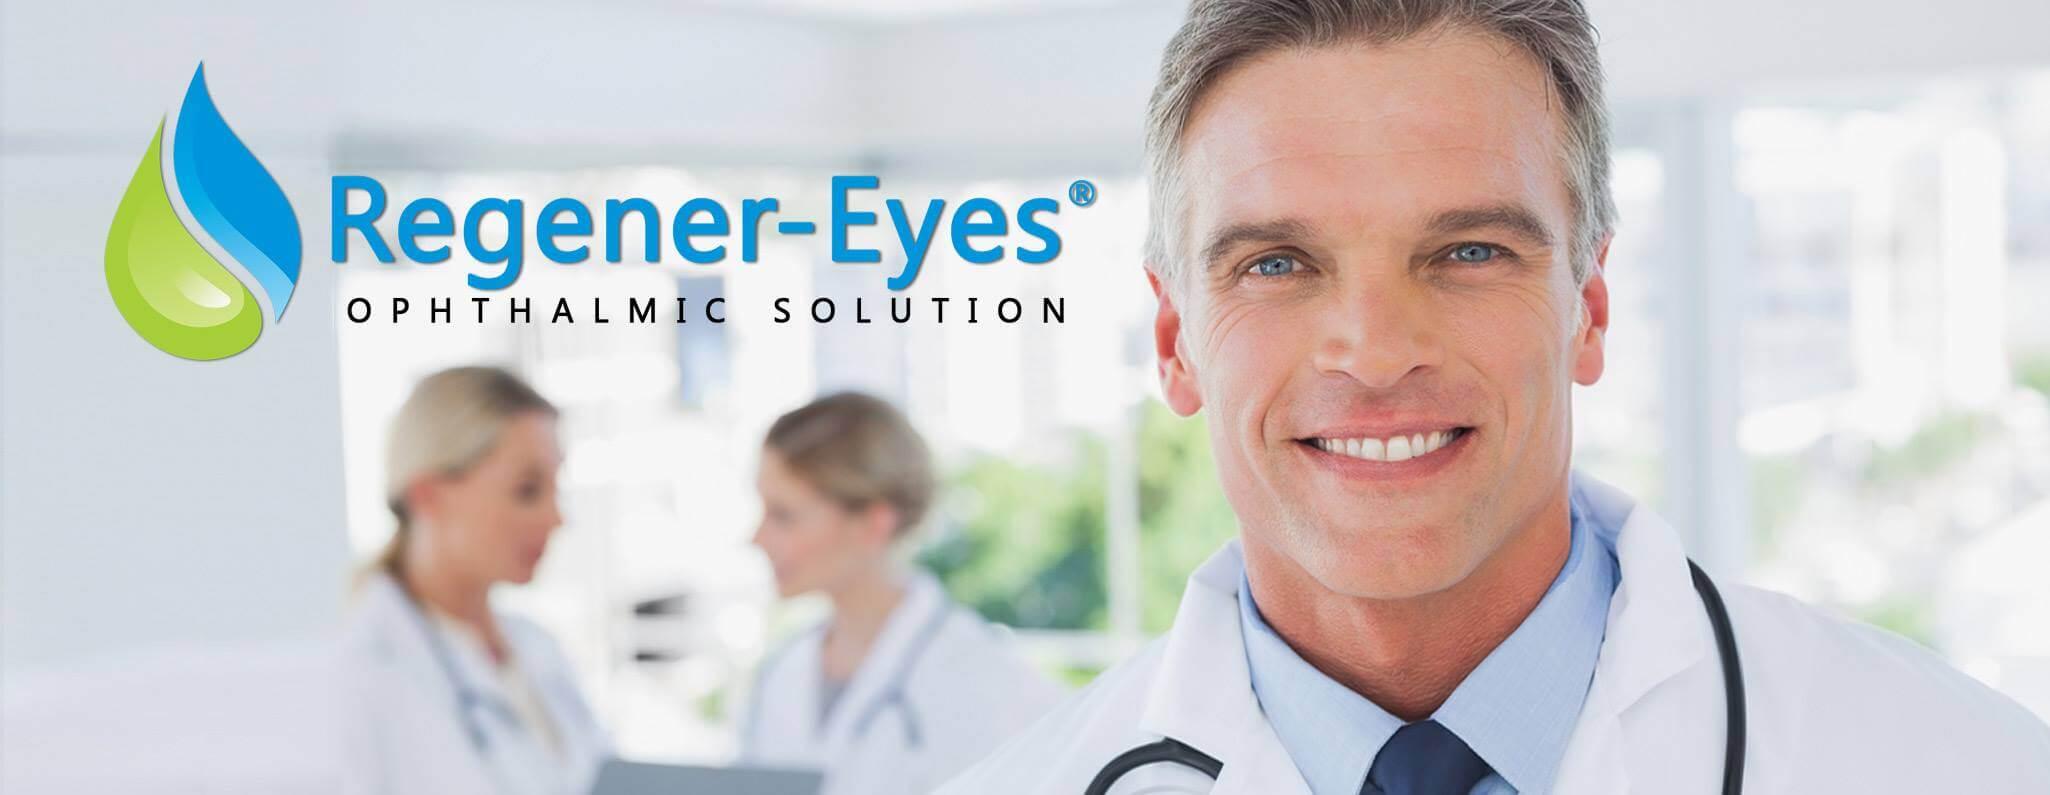 regener eyes banner